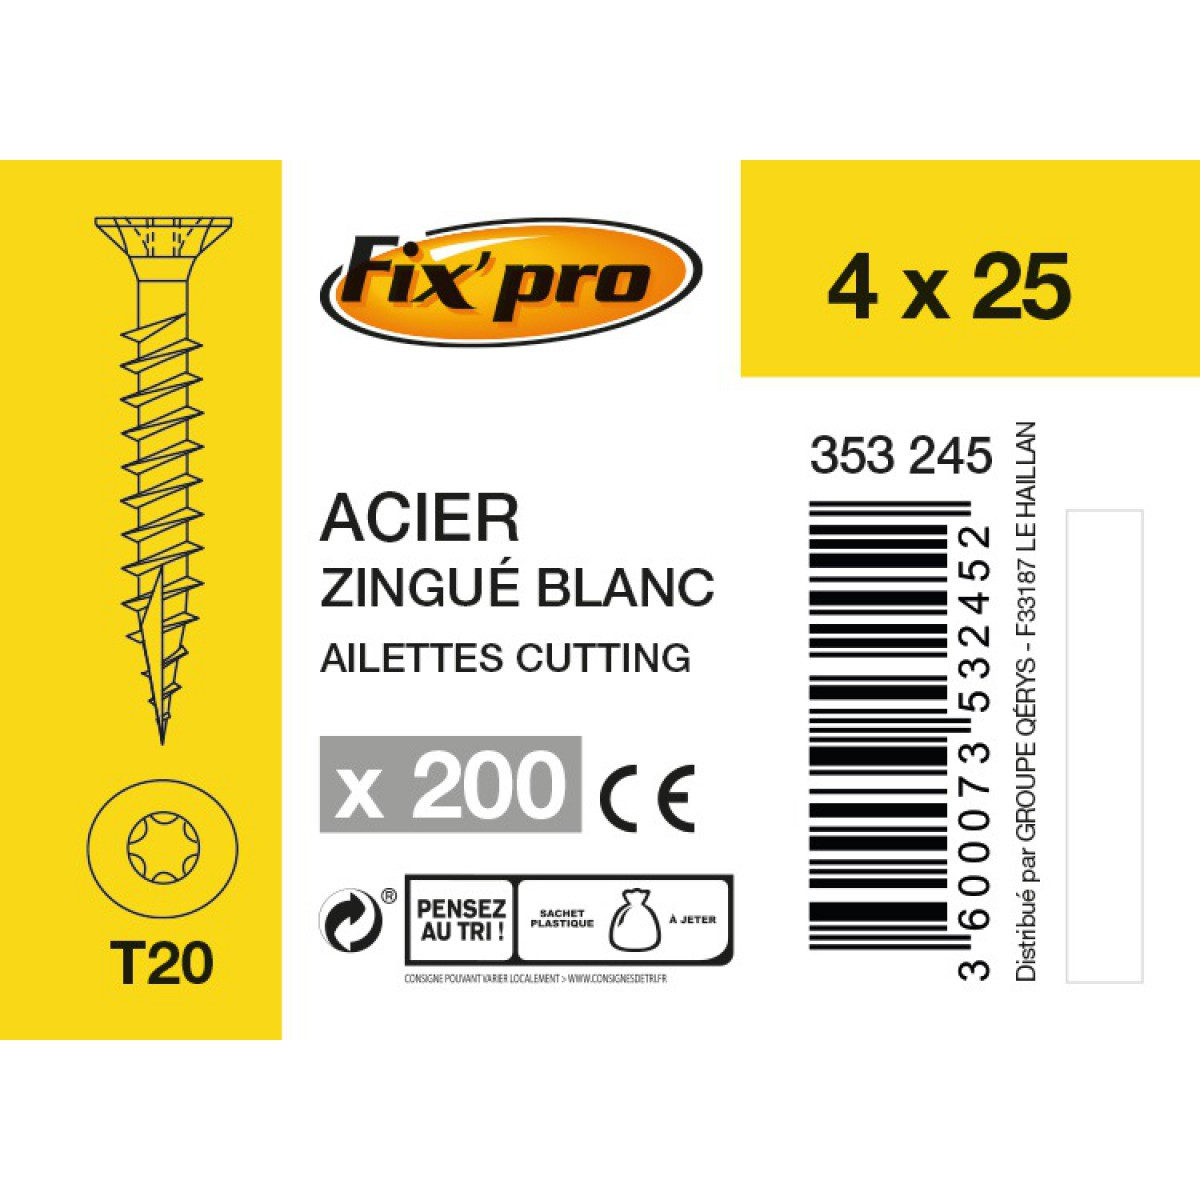 Vis à bois tête fraisée TX - 4x25 - 200pces - Fixpro